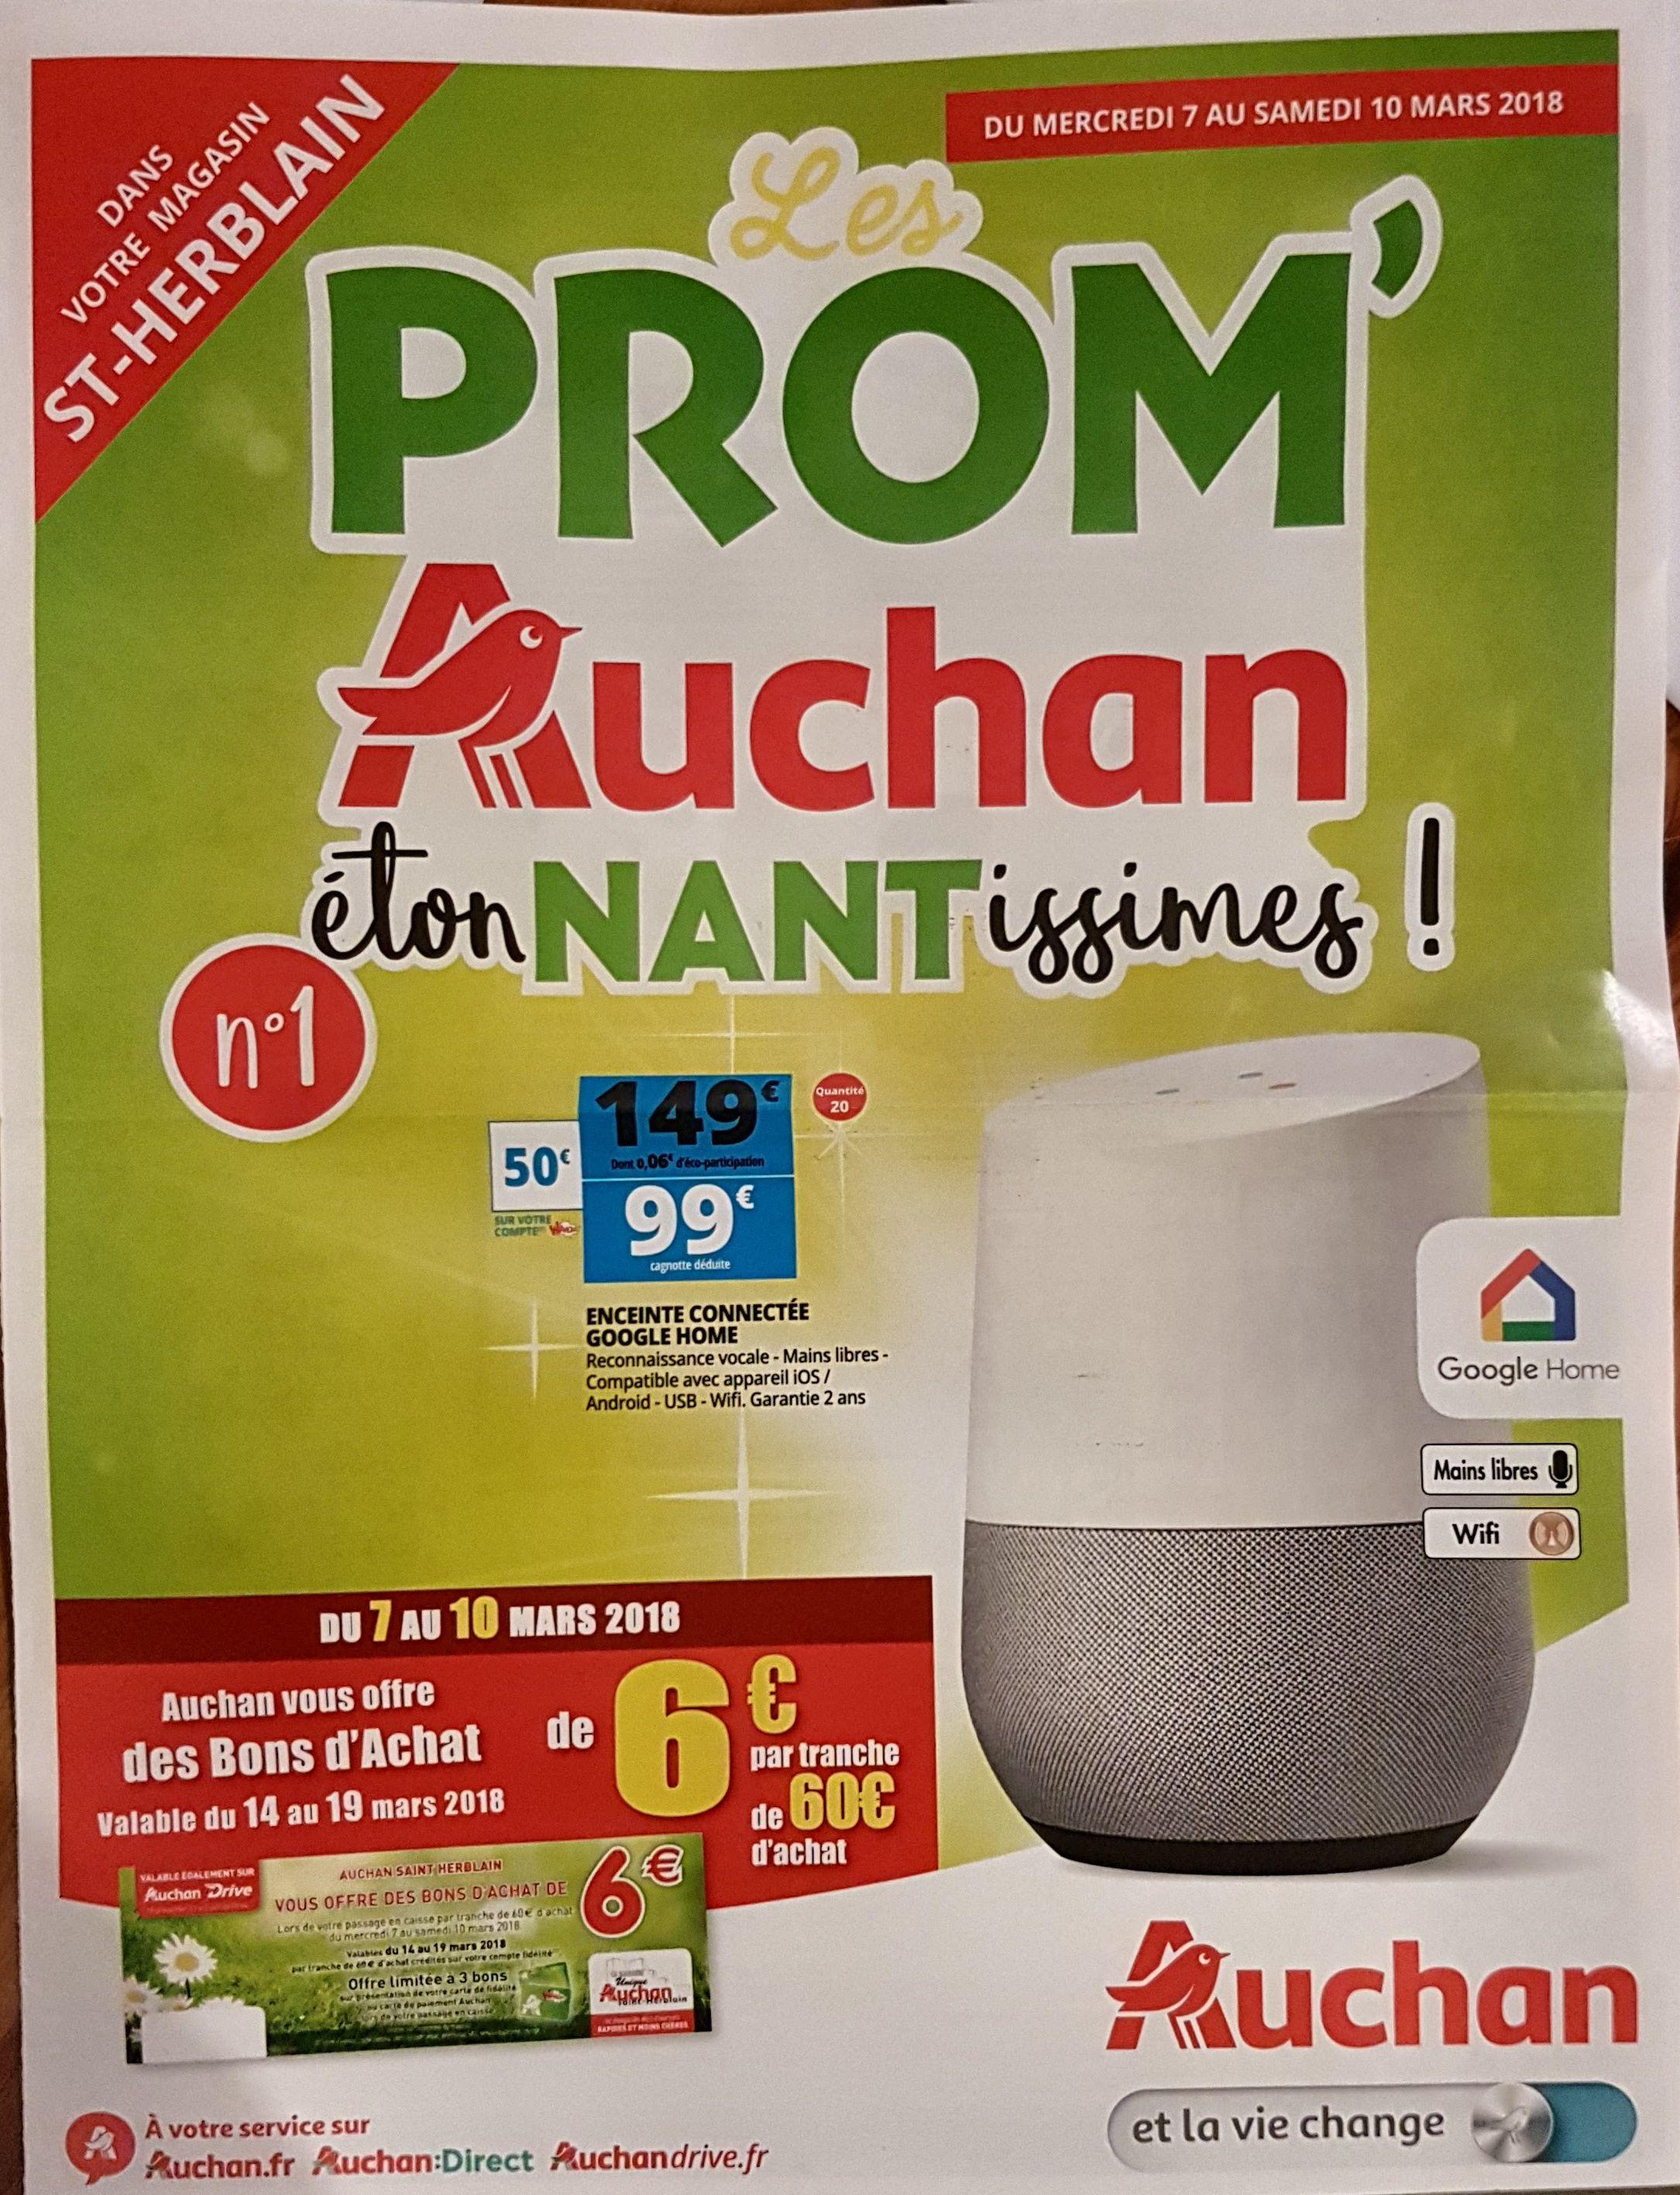 Enceinte à commande vocale Google Home Google Home à 99€ (via 50€ sur la carte waoo) - St Herblain (44)